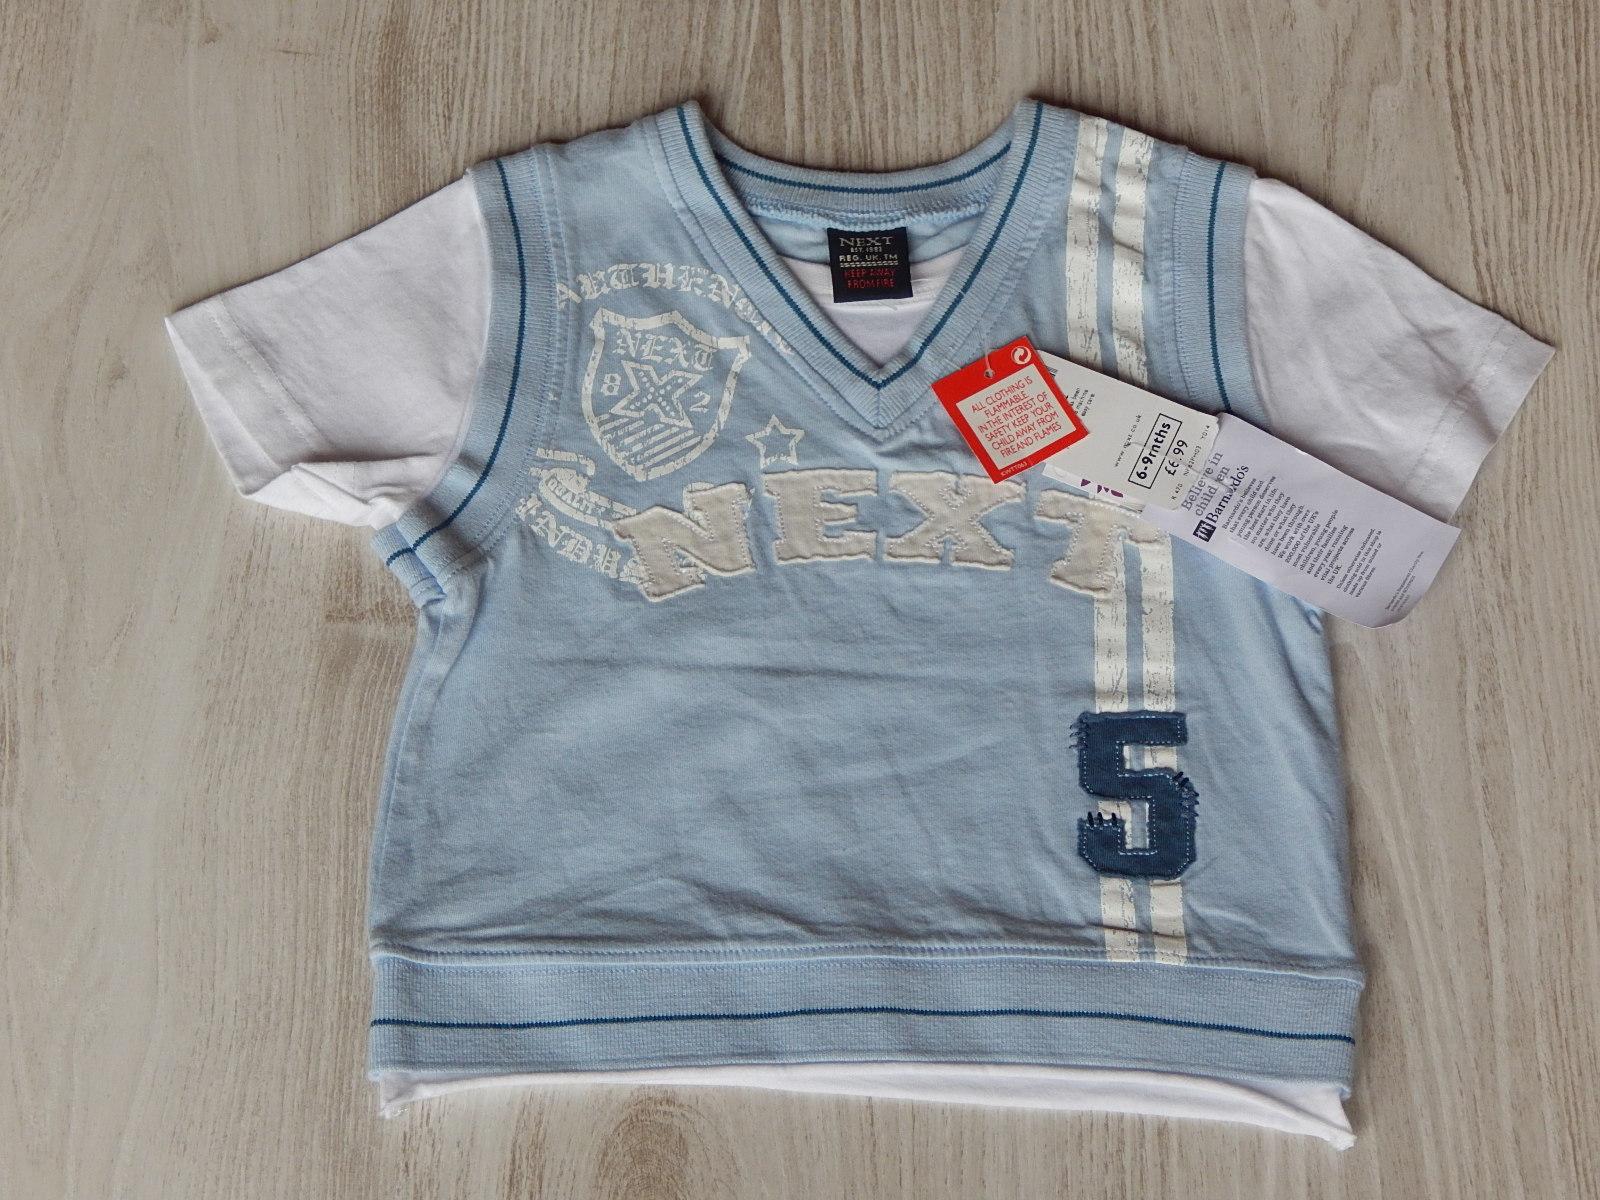 Kék mellényes póló  74 (6-9 hó)   Fiú ruhák     Lótusz Gyerekruha Webshop 0d48d8e8d3